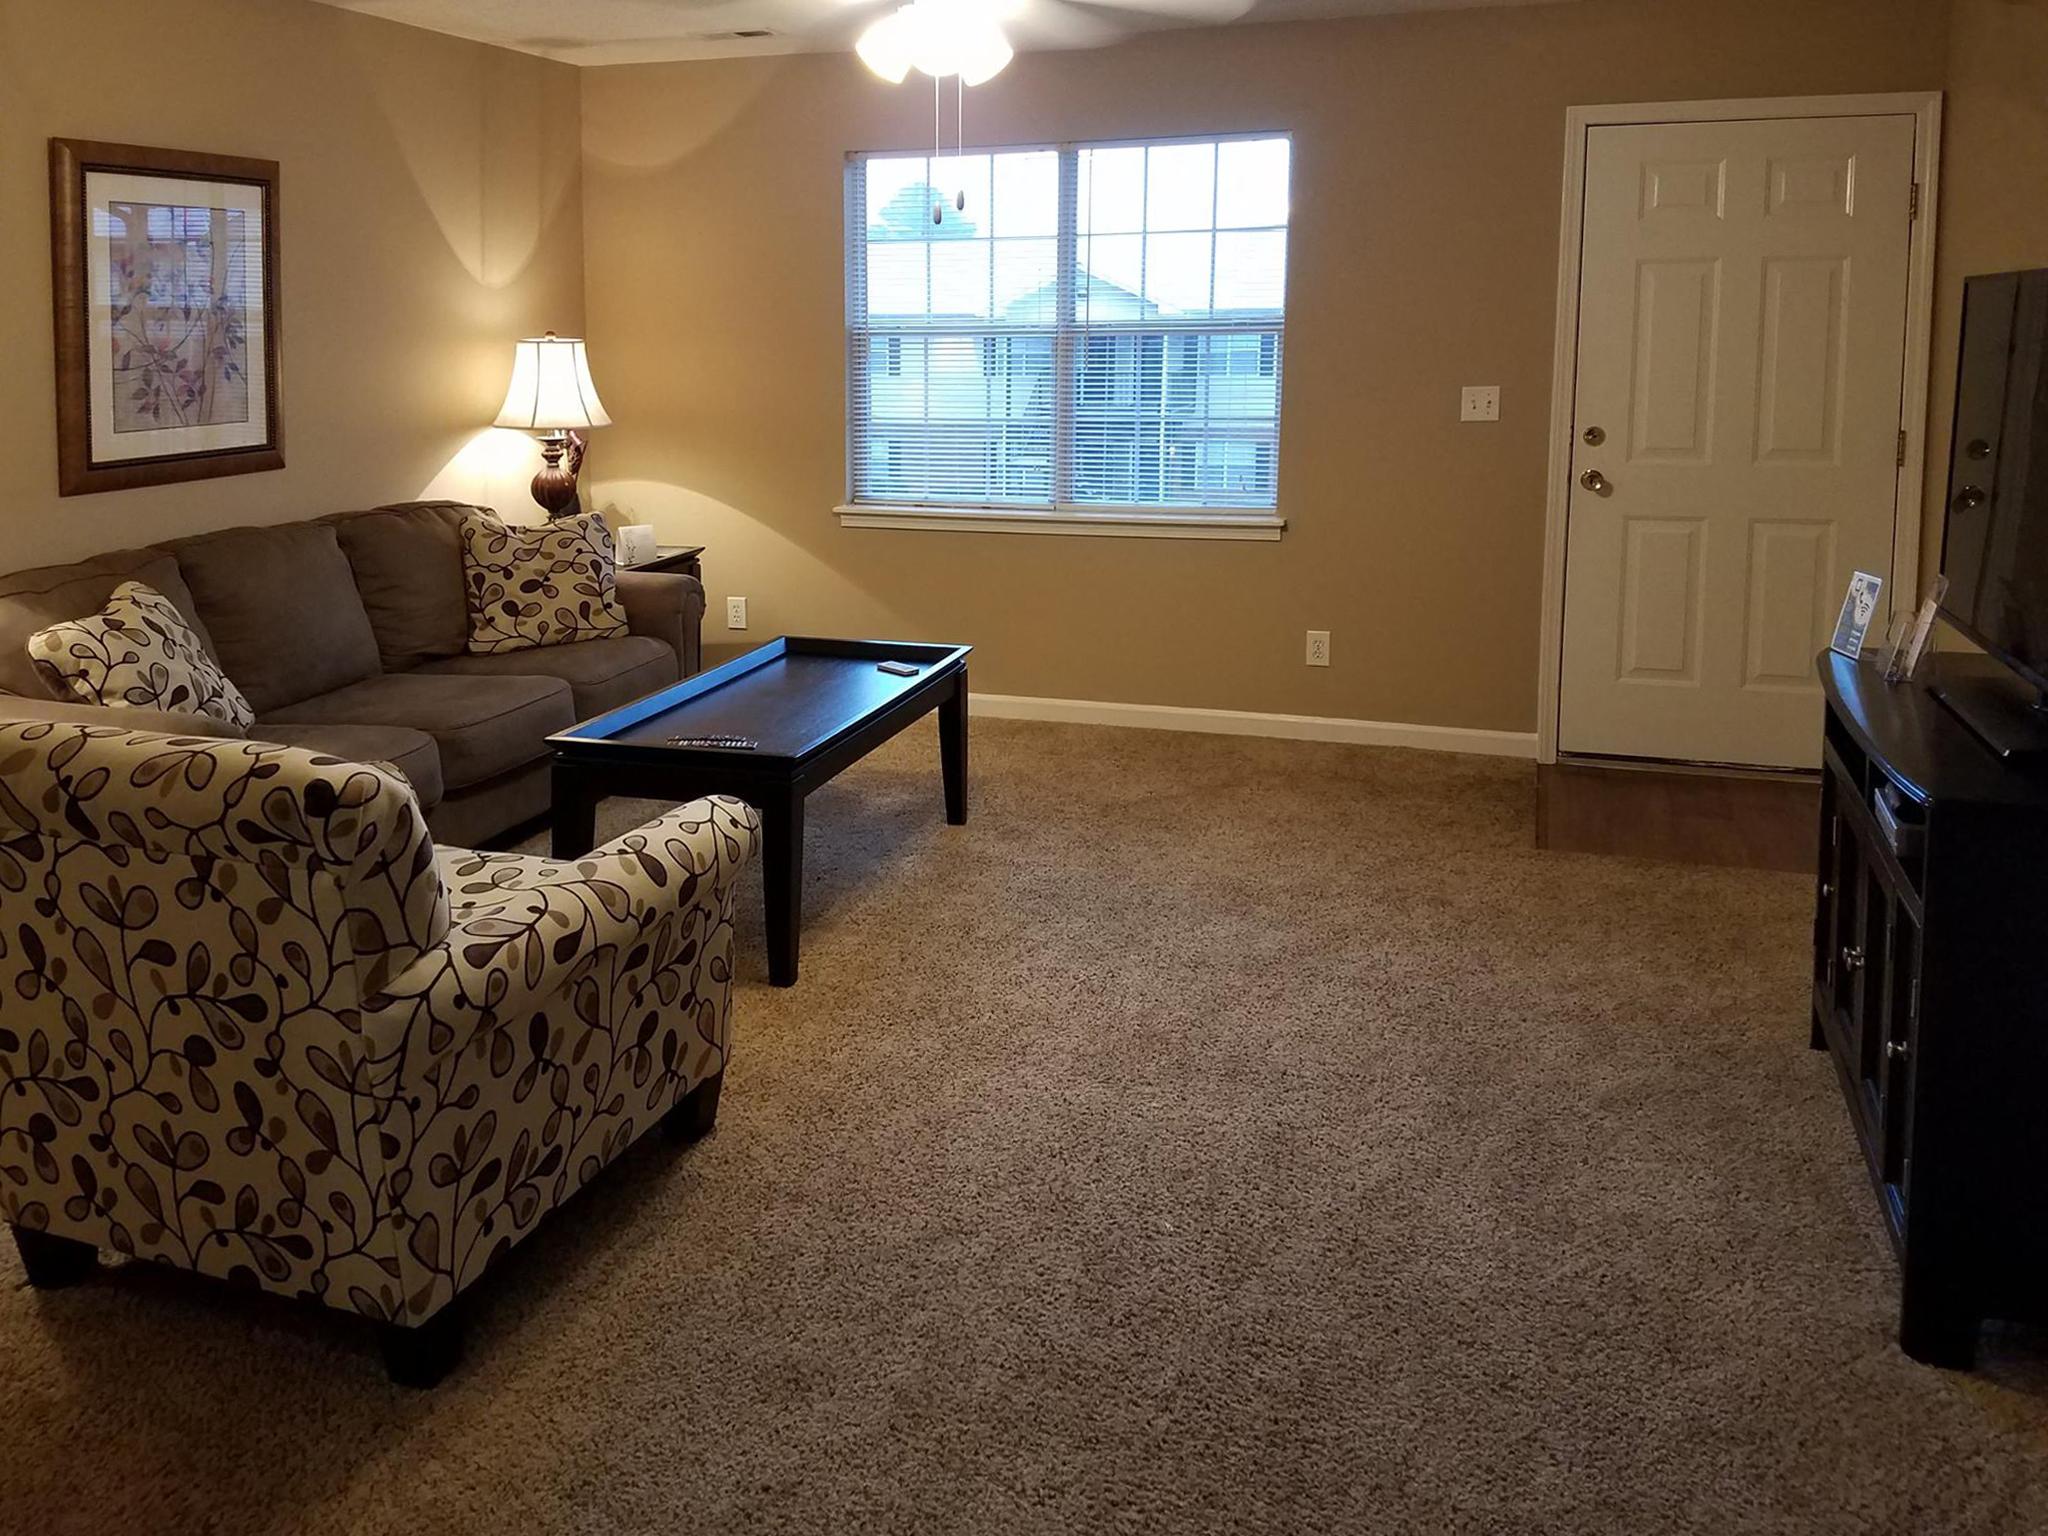 Mountain View Apartments Oxford AL Anniston, AL 36207 spacious rooms